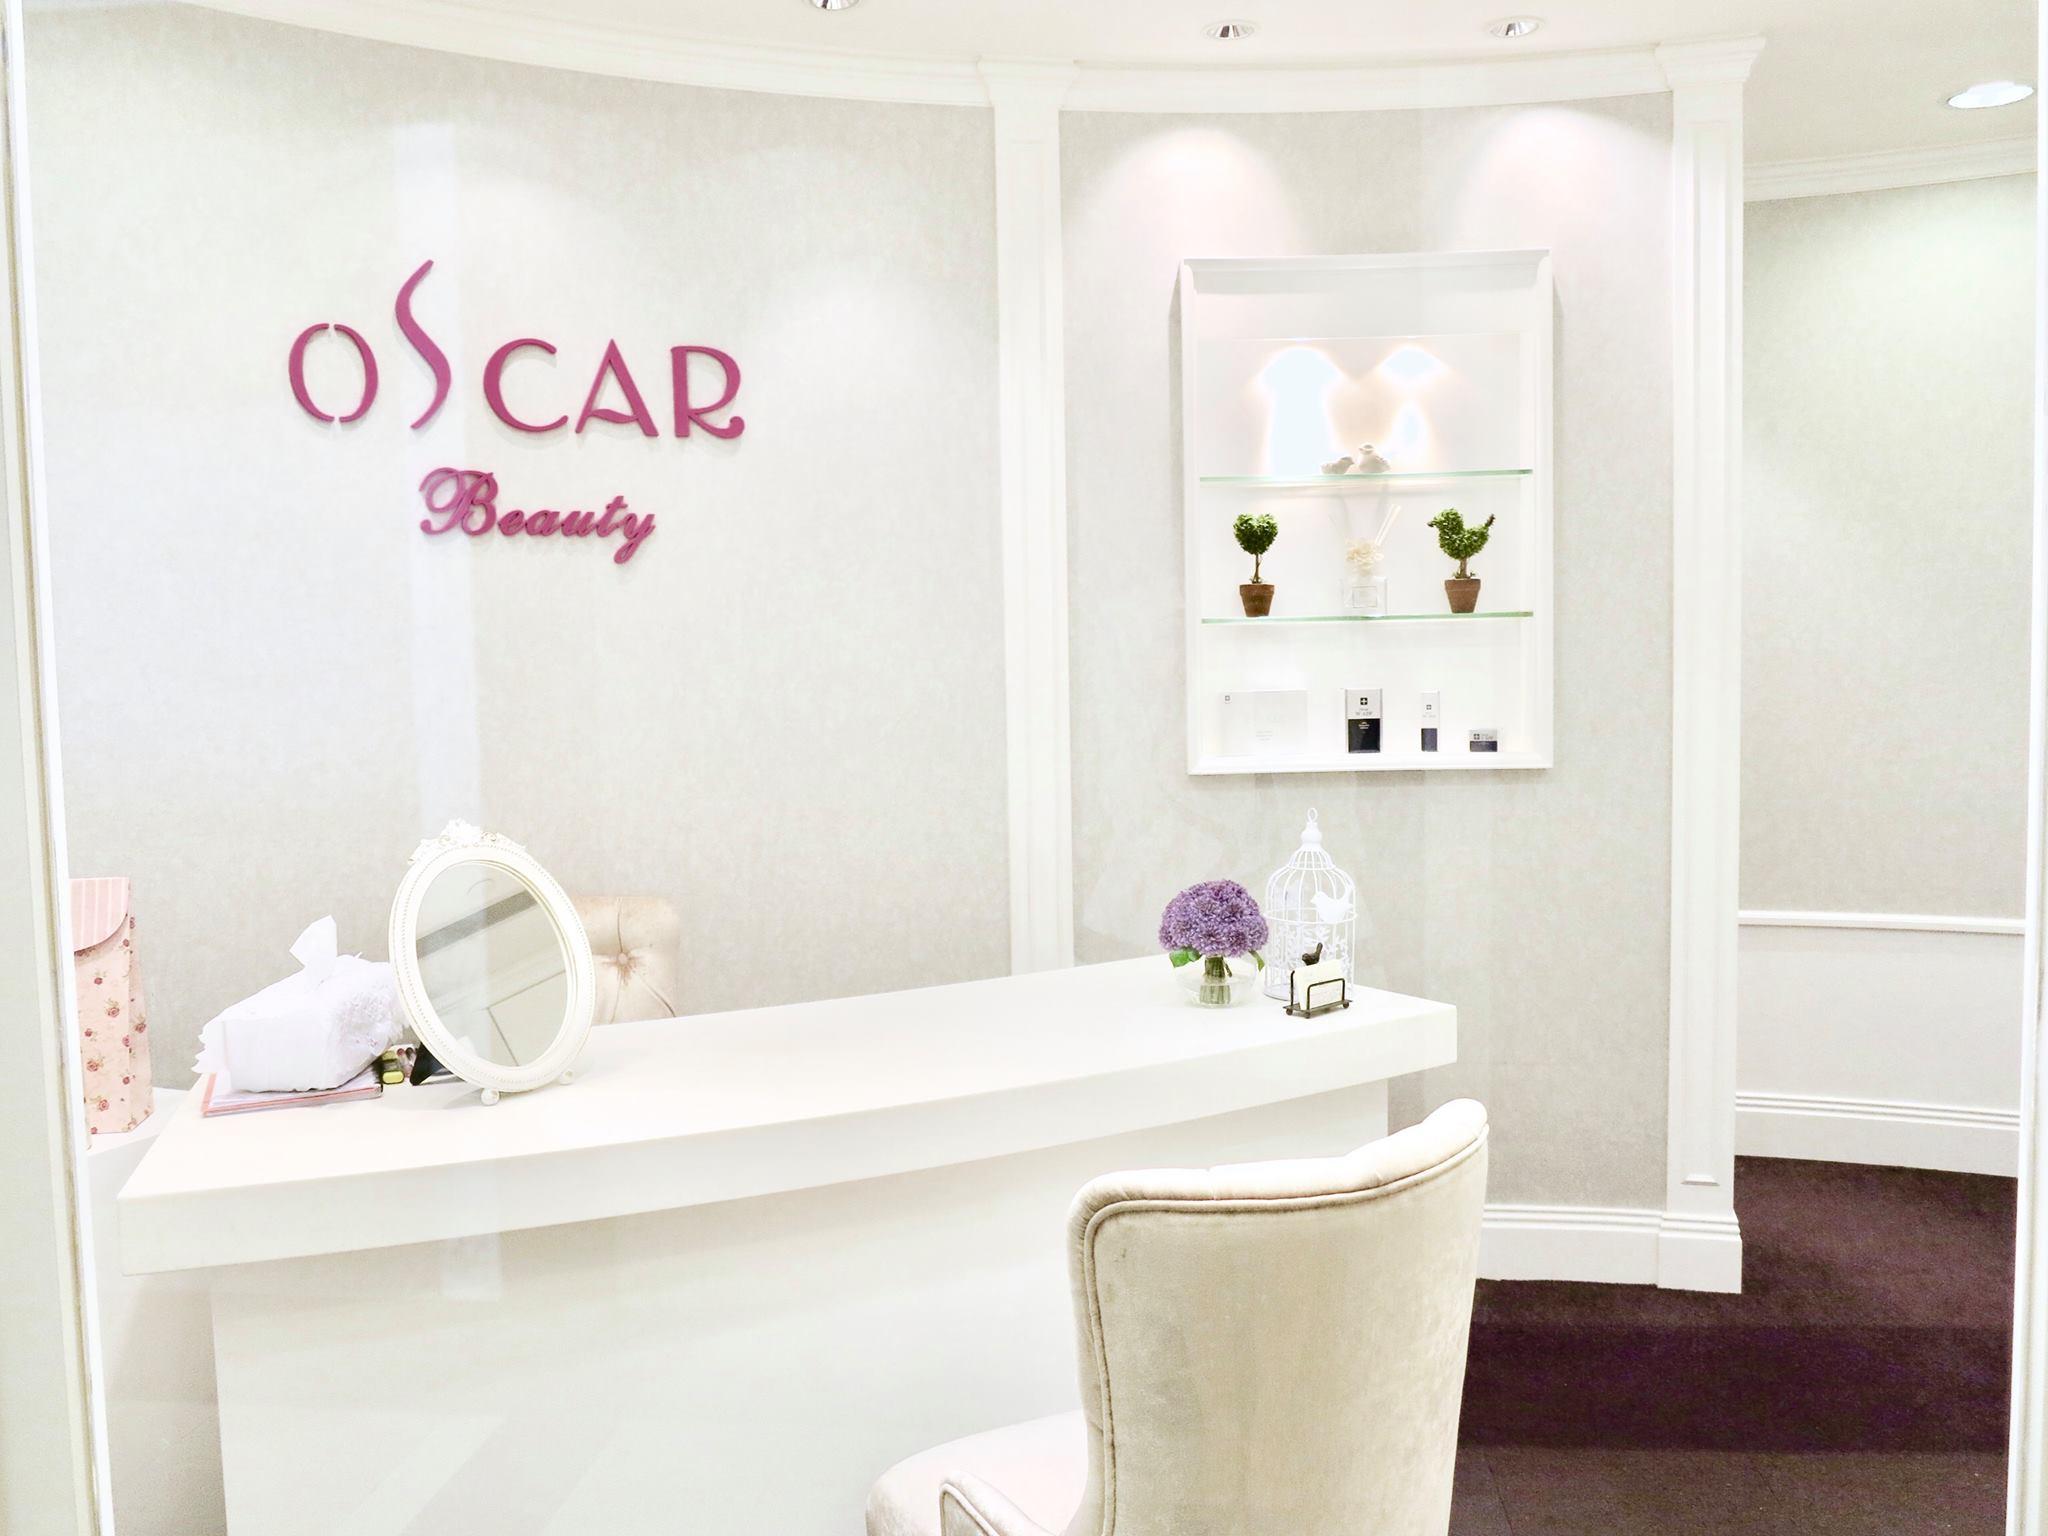 Oscar Beauty 奧斯卡美容中心